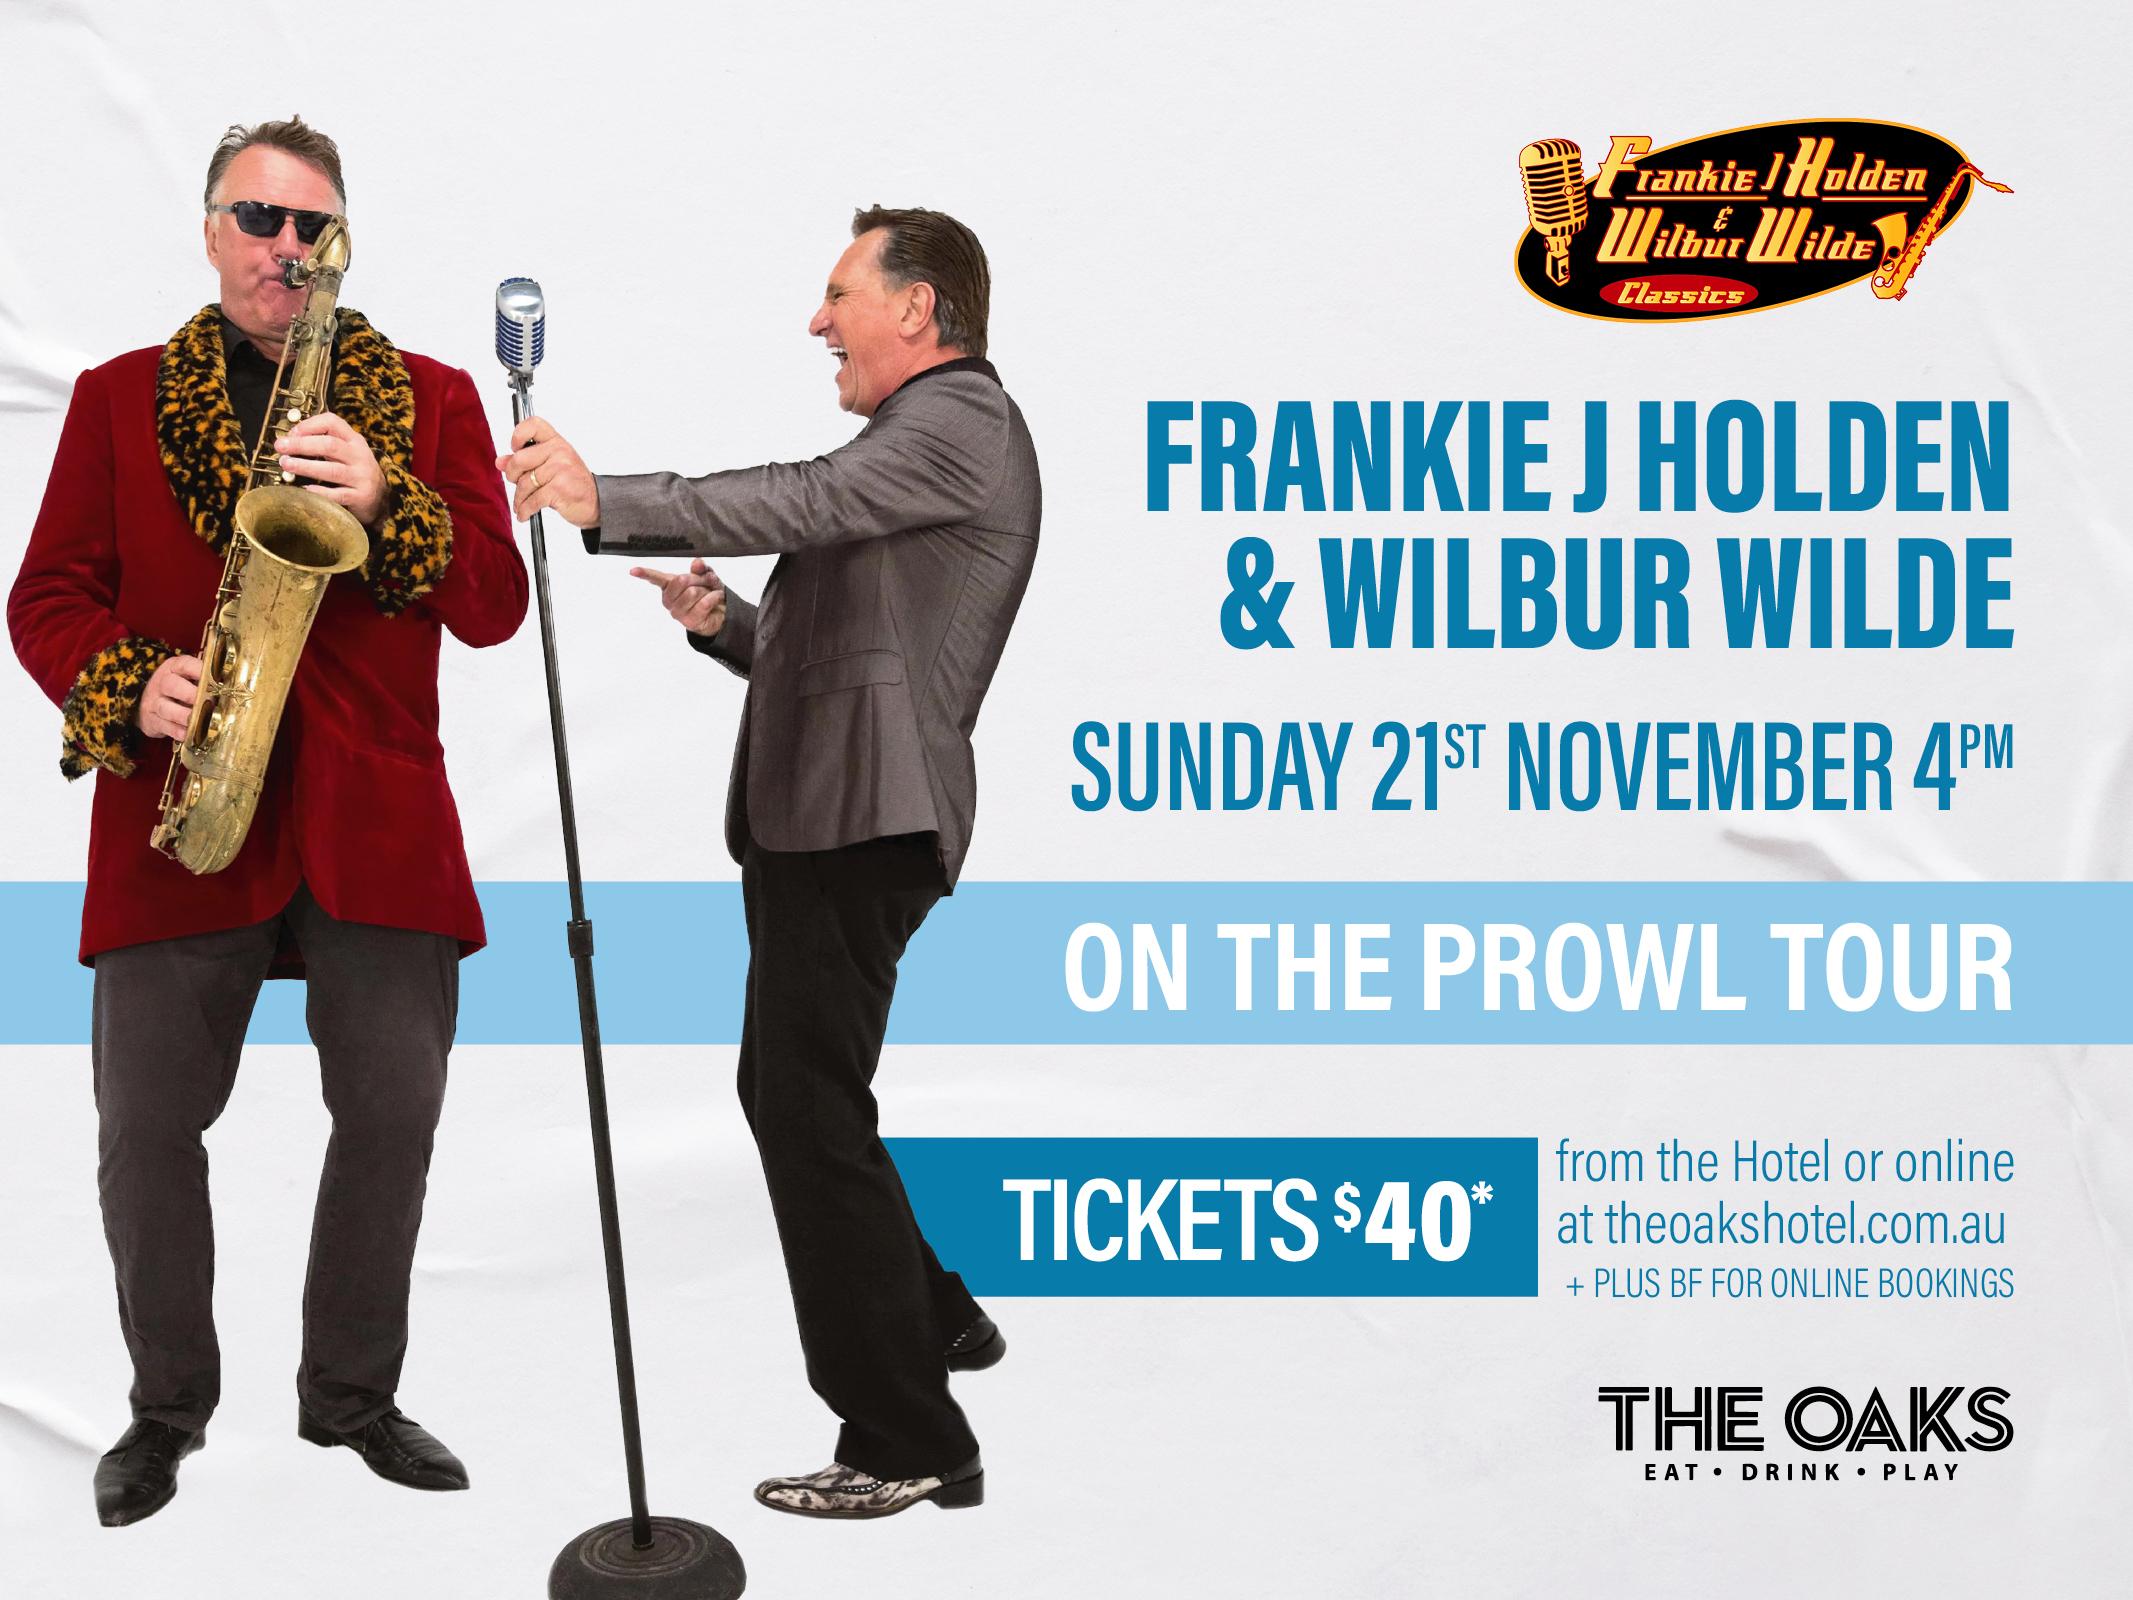 Frankie & Wilbur: ON THE PROWL TOUR